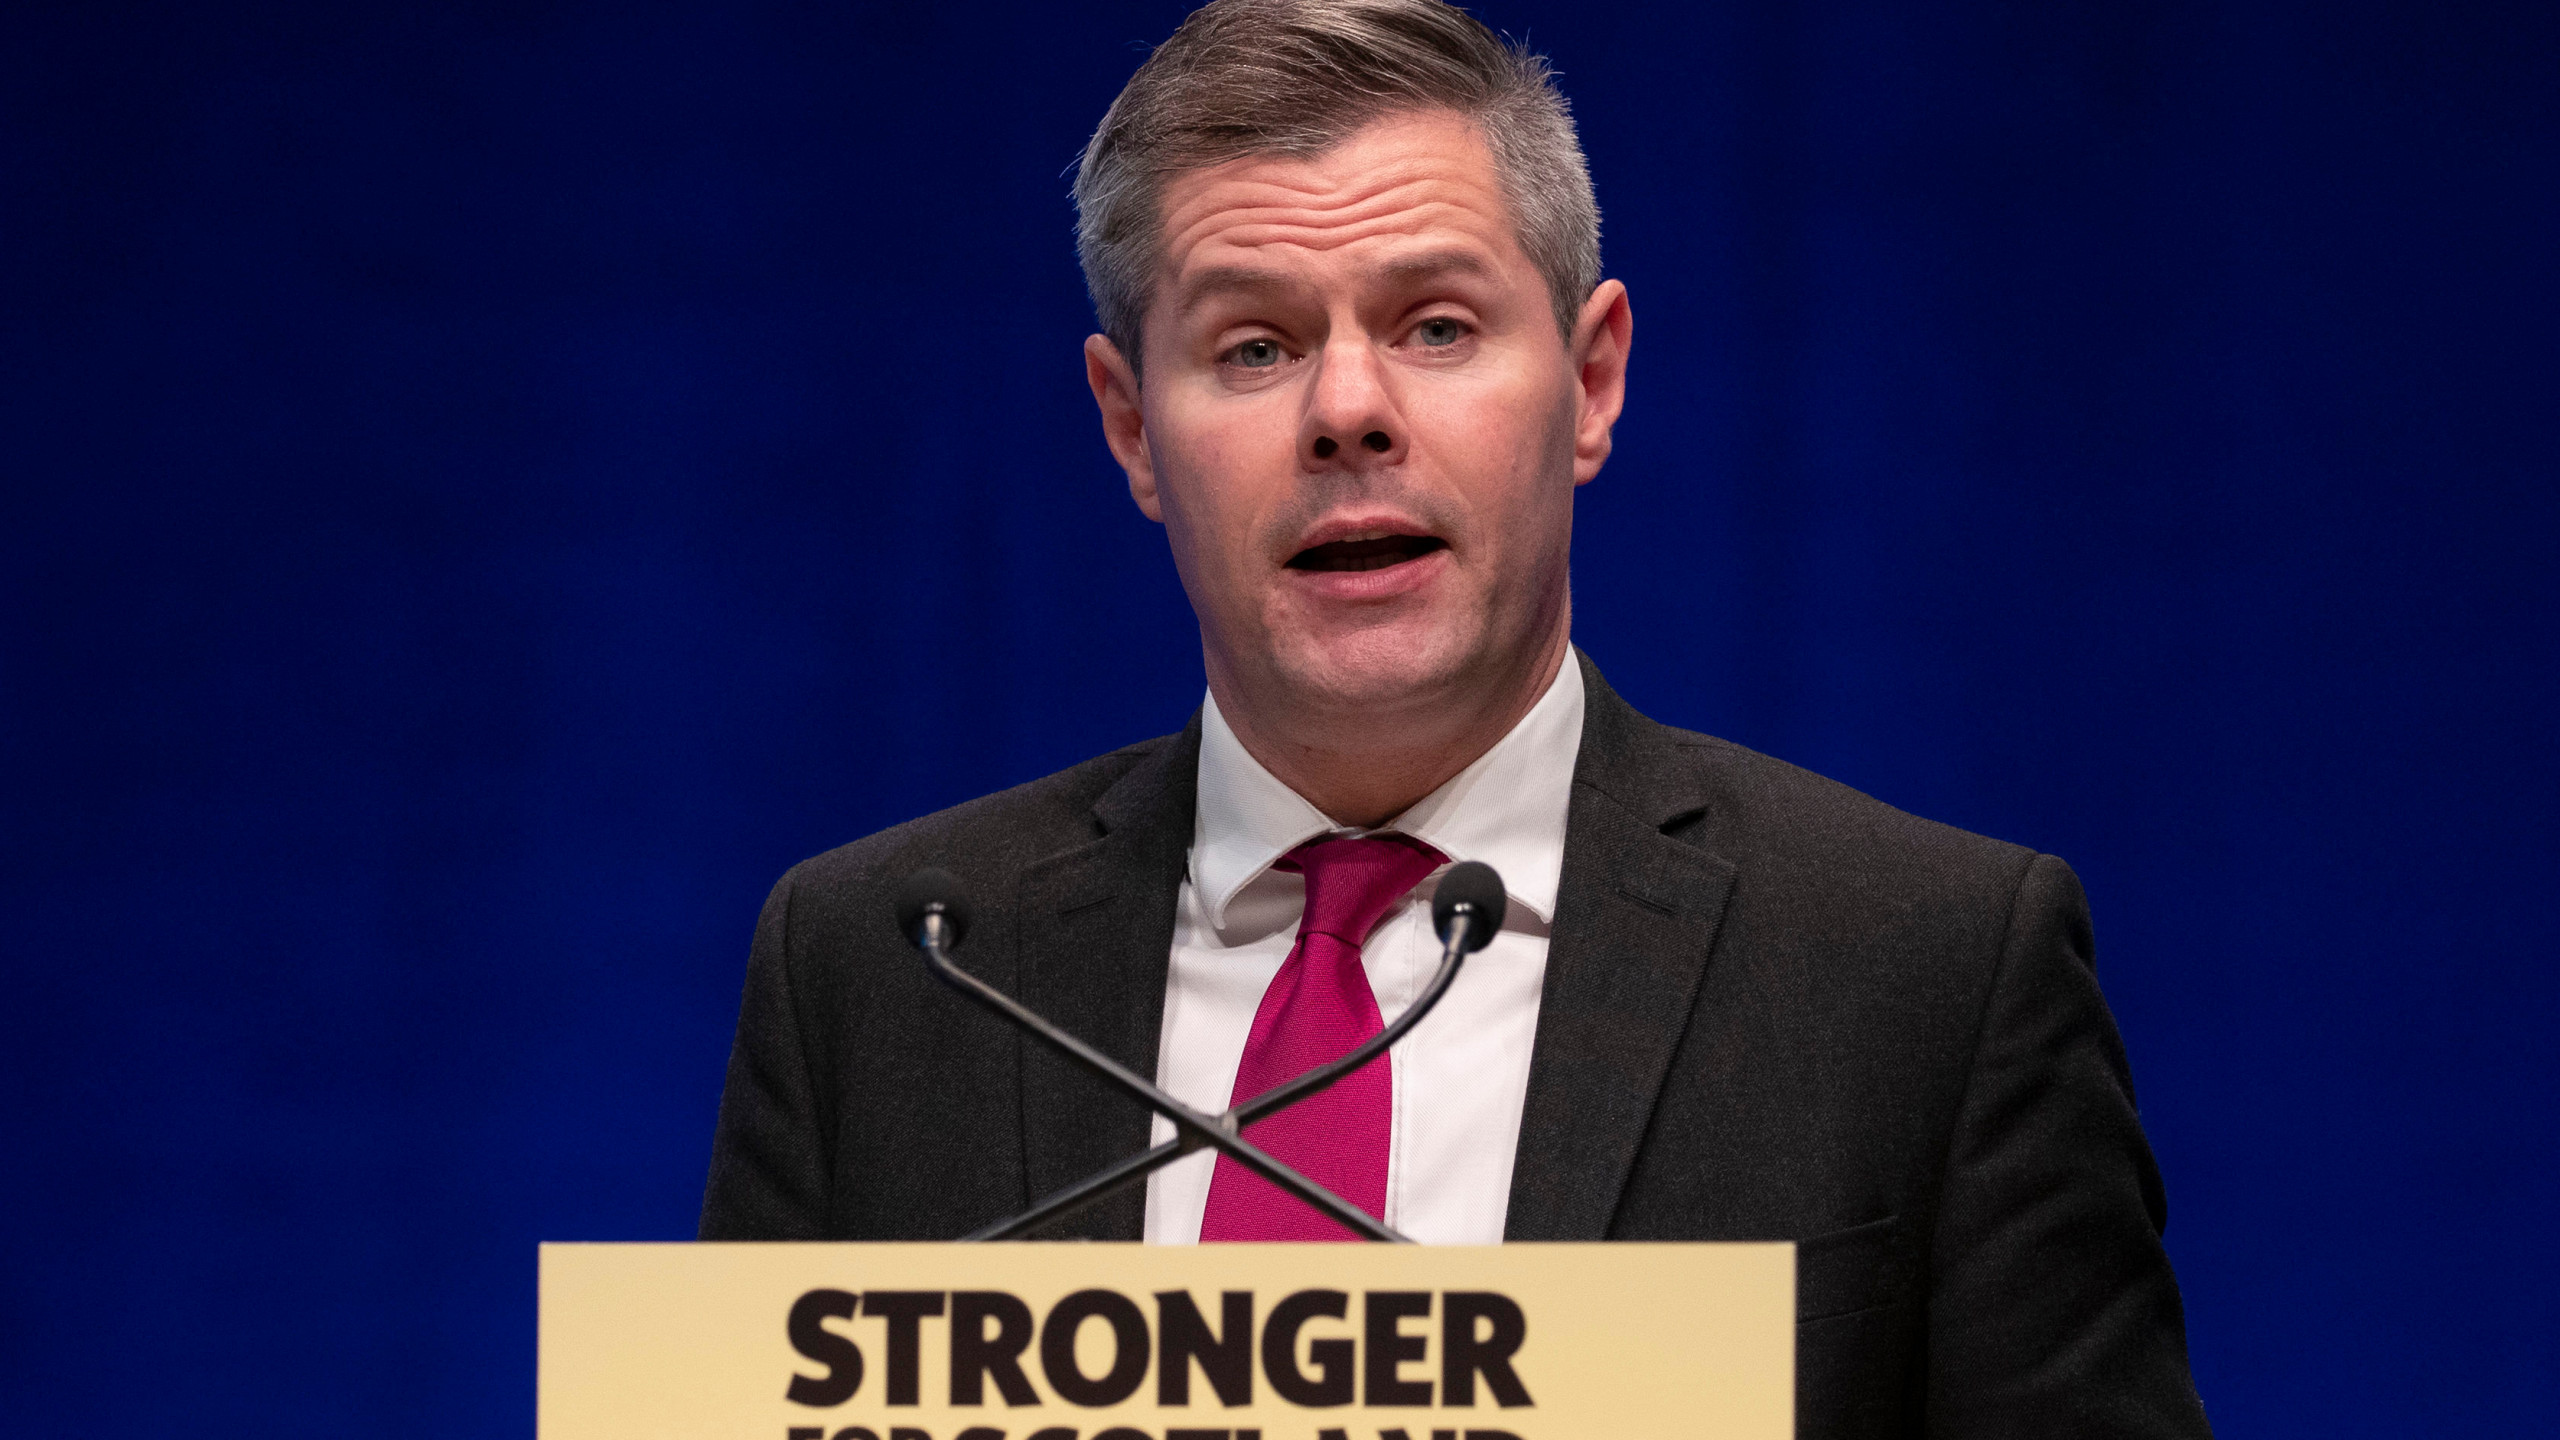 Σκωτία: Ο 42χρονος υπουργός Οικονομικών παραιτήθηκε έπειτα από δημοσίευμα της Sun ότι είχε στείλει εκατοντάδες μηνύματα σε έναν 16χρονο